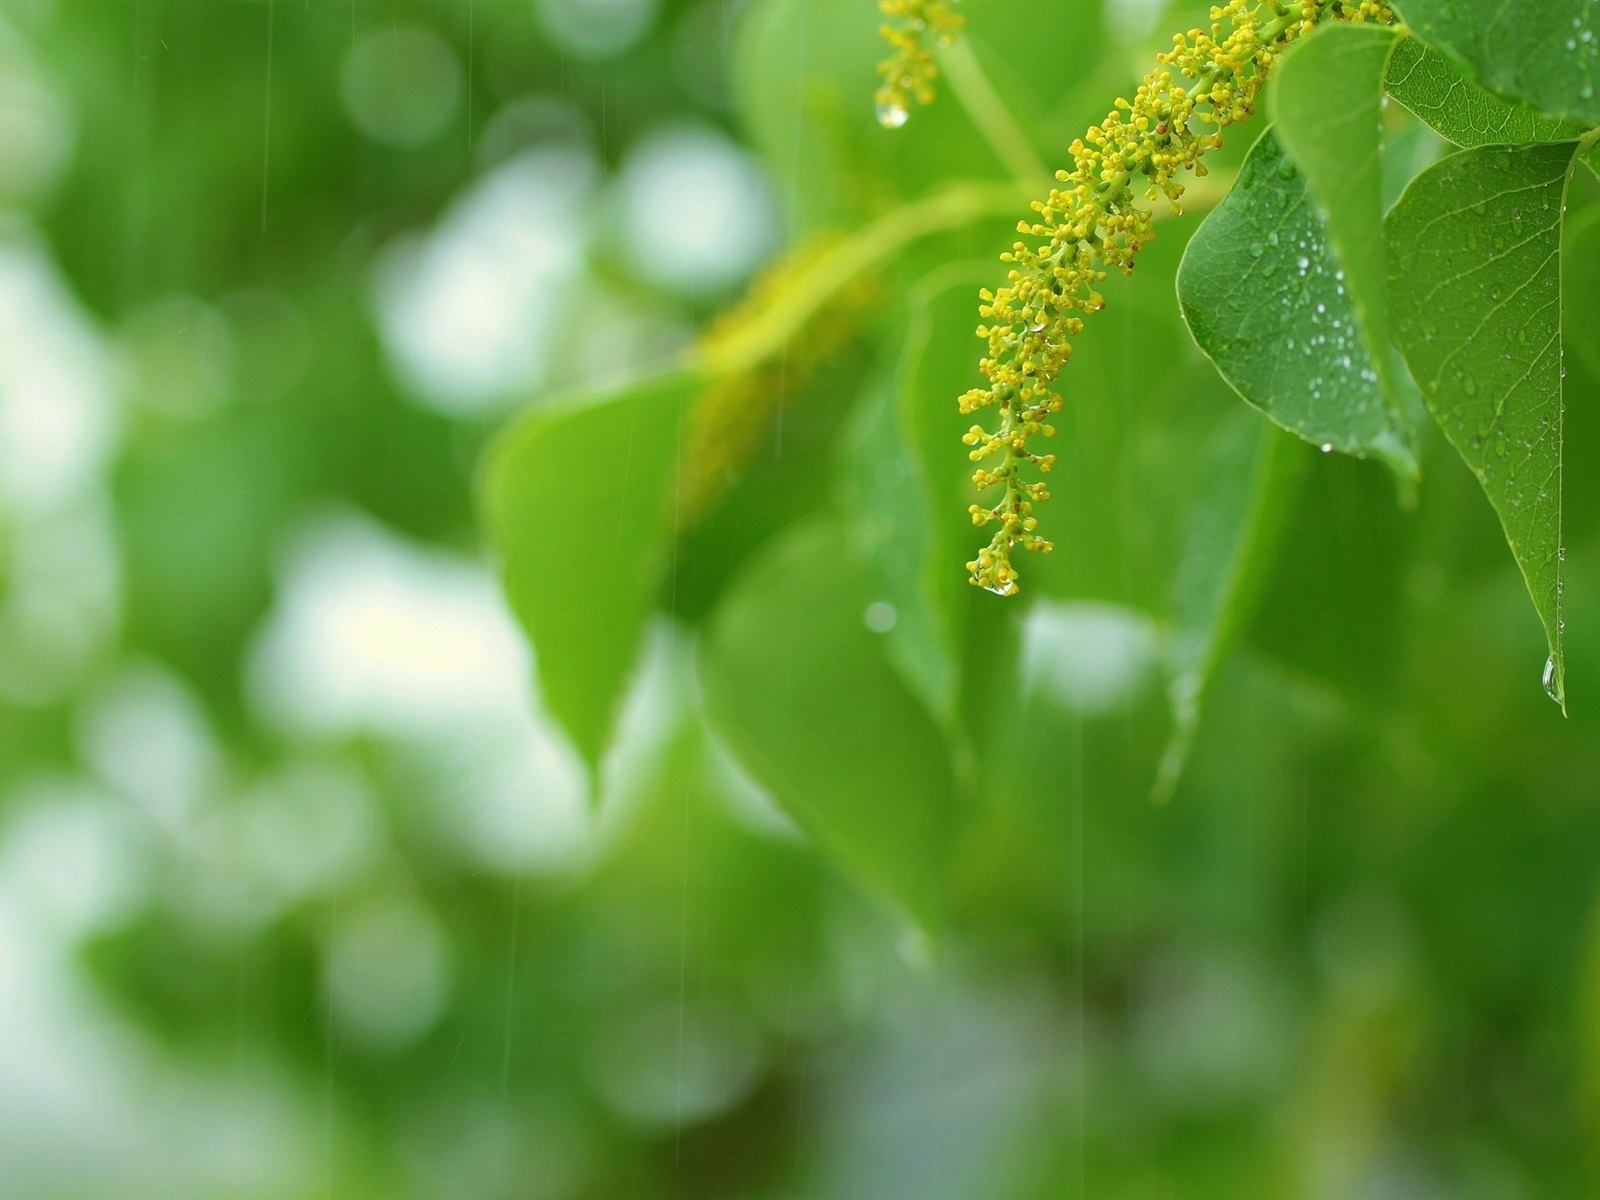 дождь, капля, лист, лето бесплатно